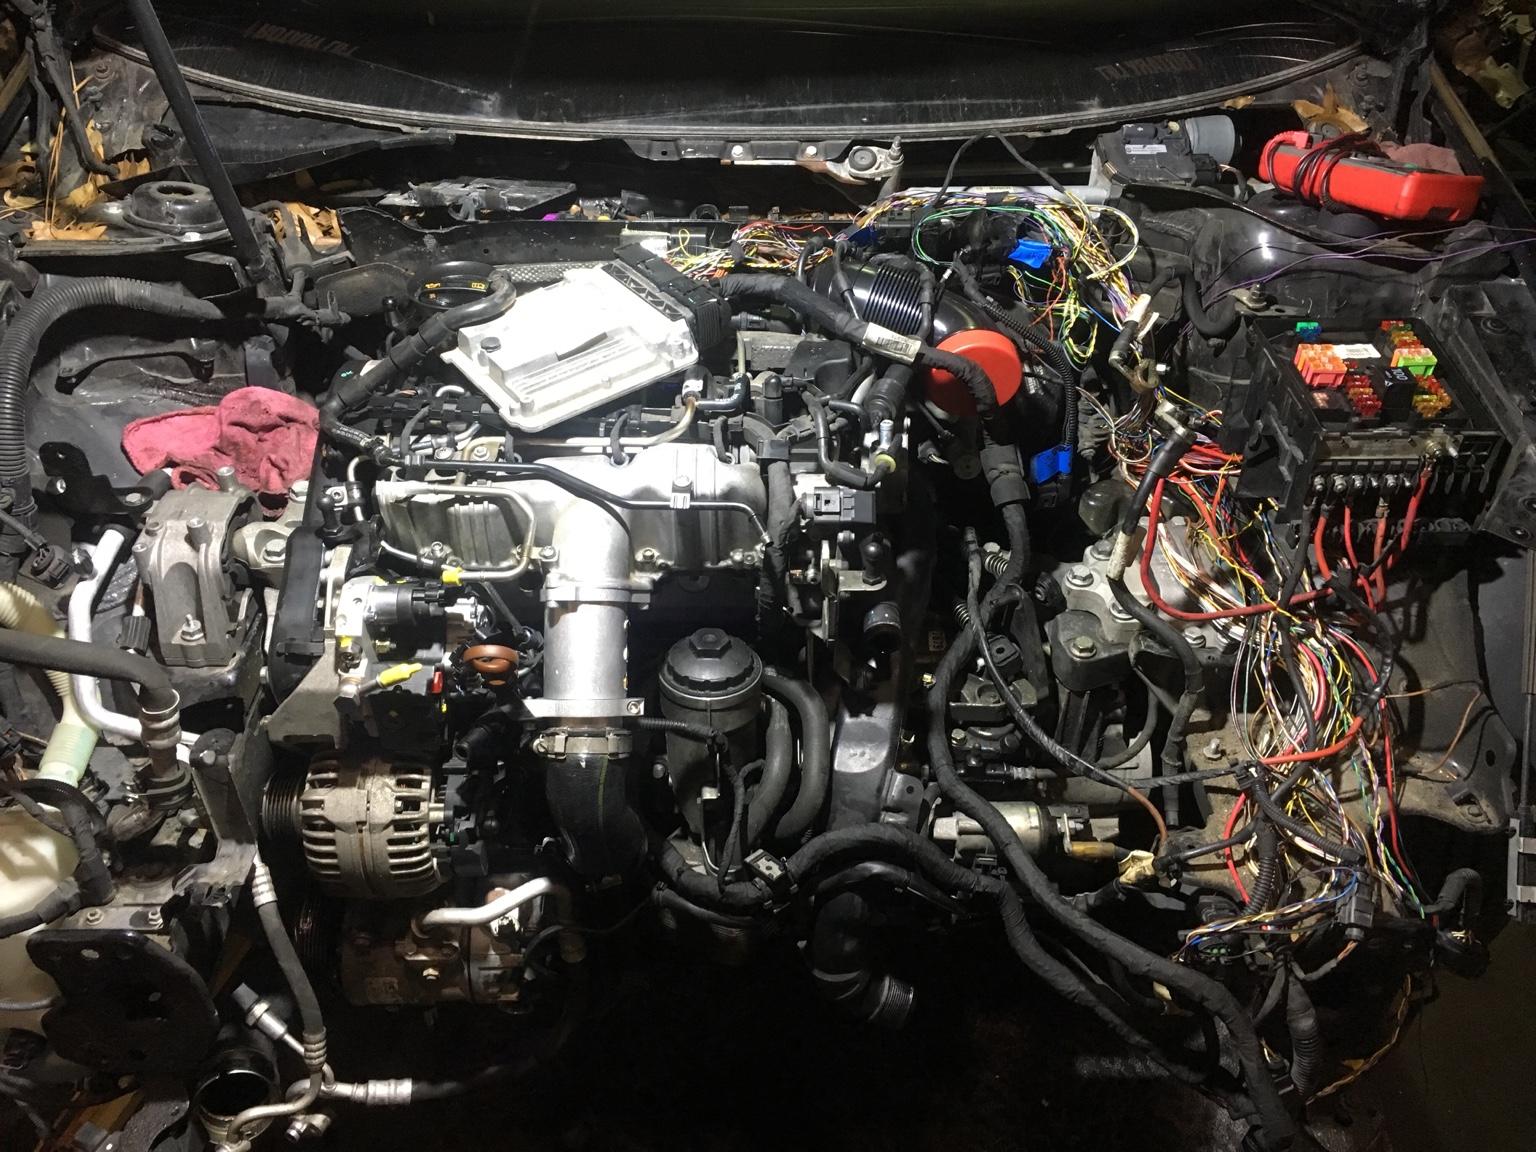 MK5 GTI 2.0L CR TDI Conversion | Malone Tuning Ltd